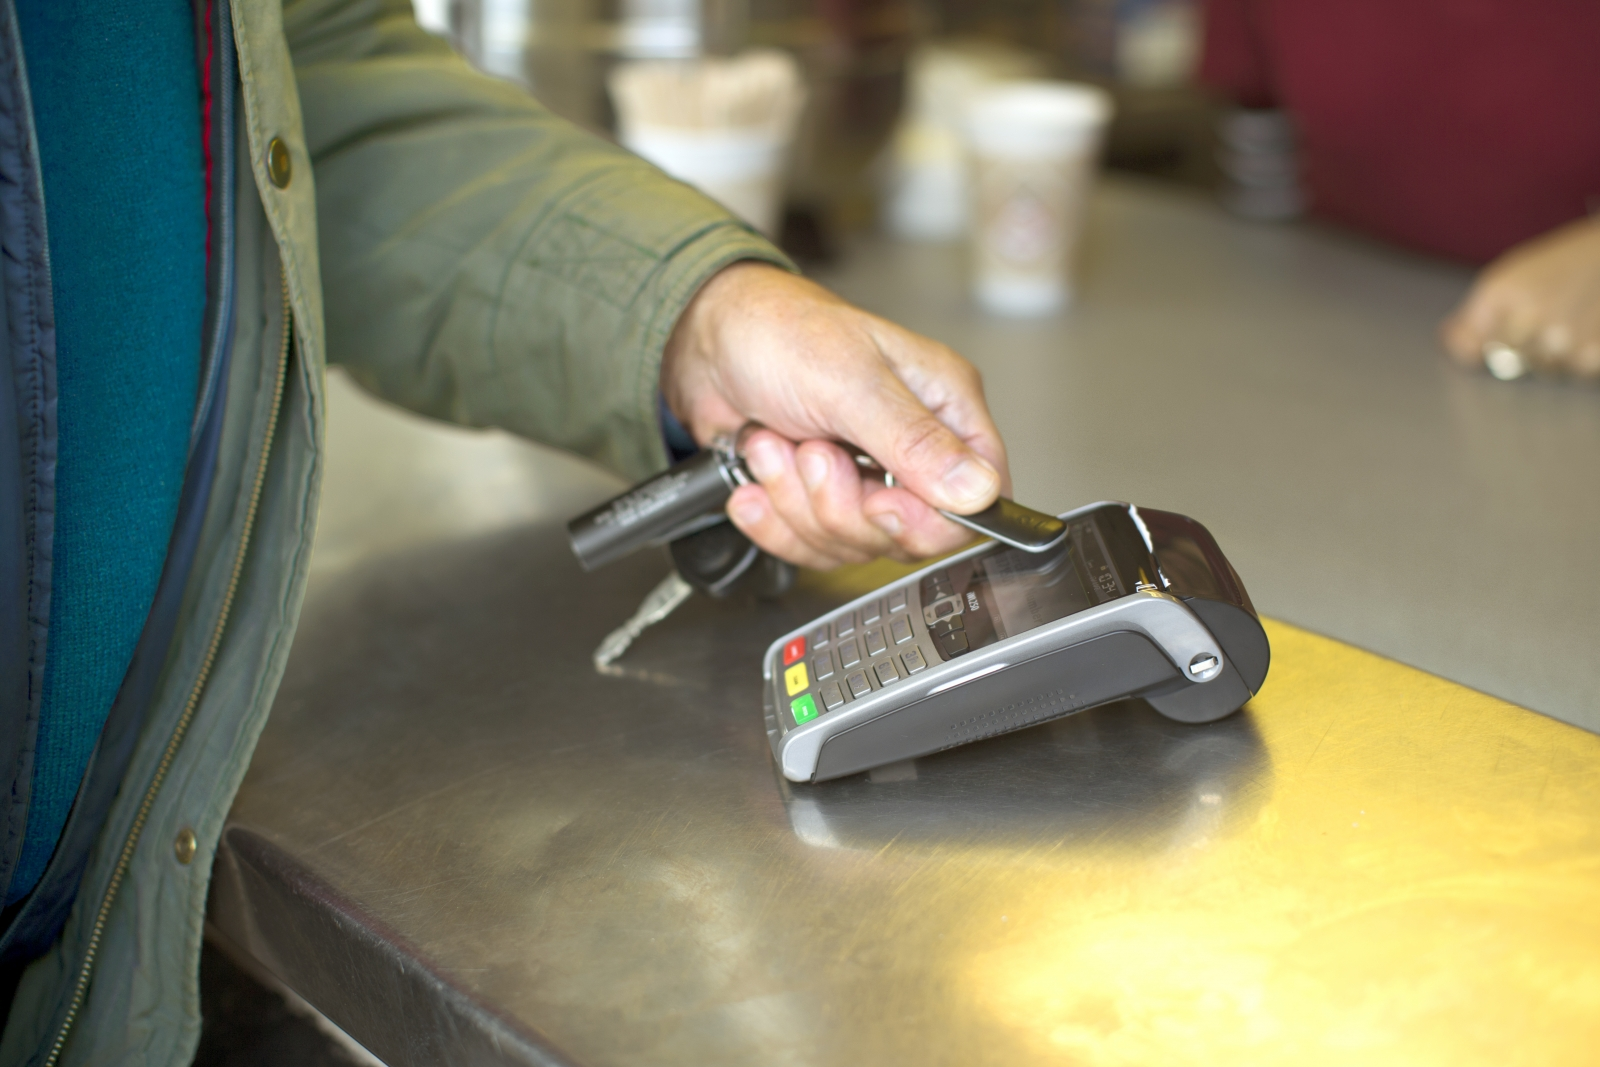 bPay contactless payment fob